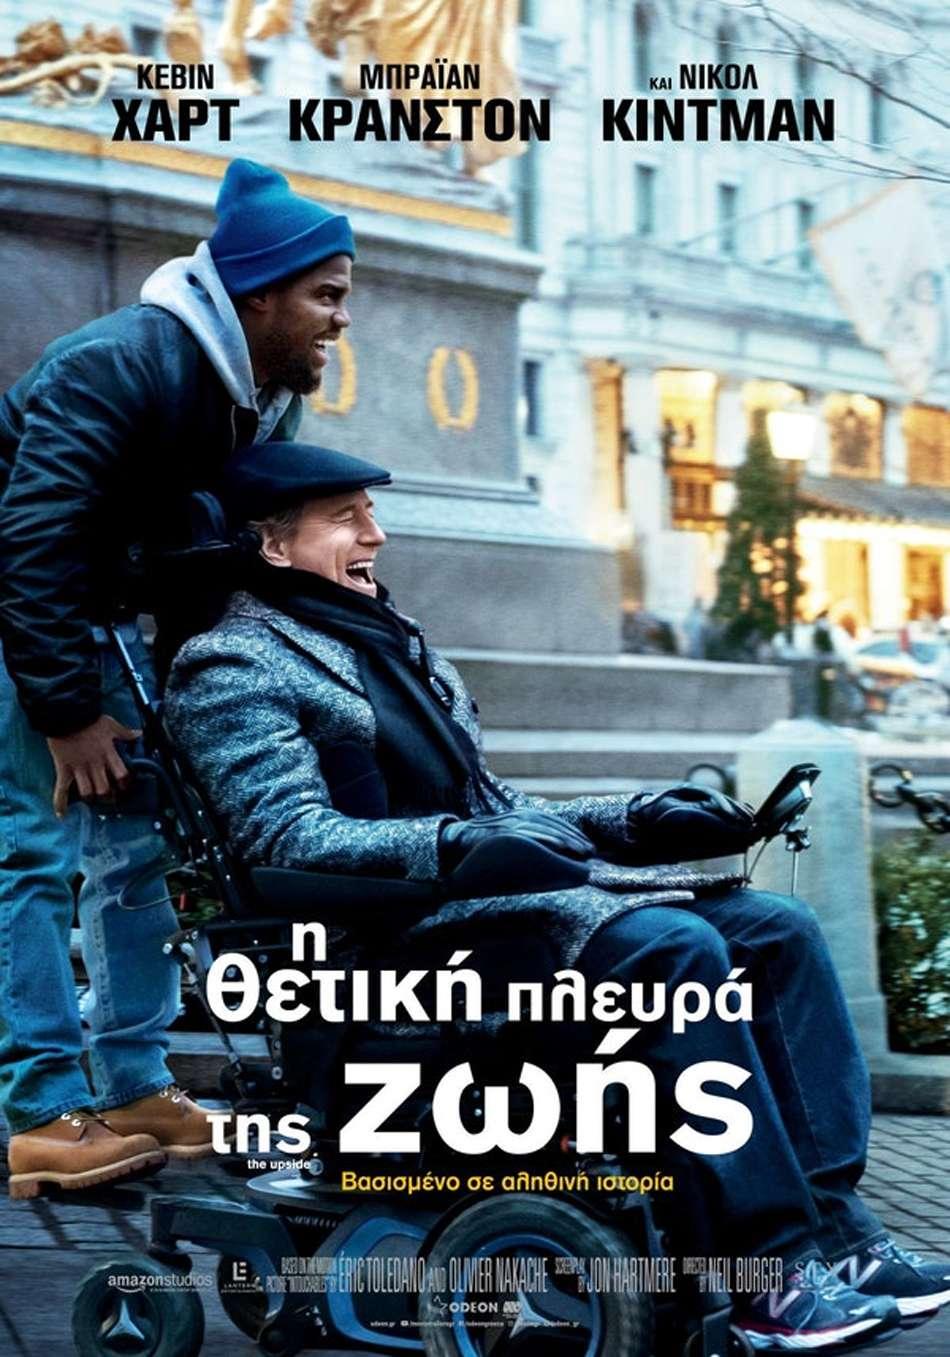 Η Θετική Πλευρά της Ζωής (The Upside) Poster